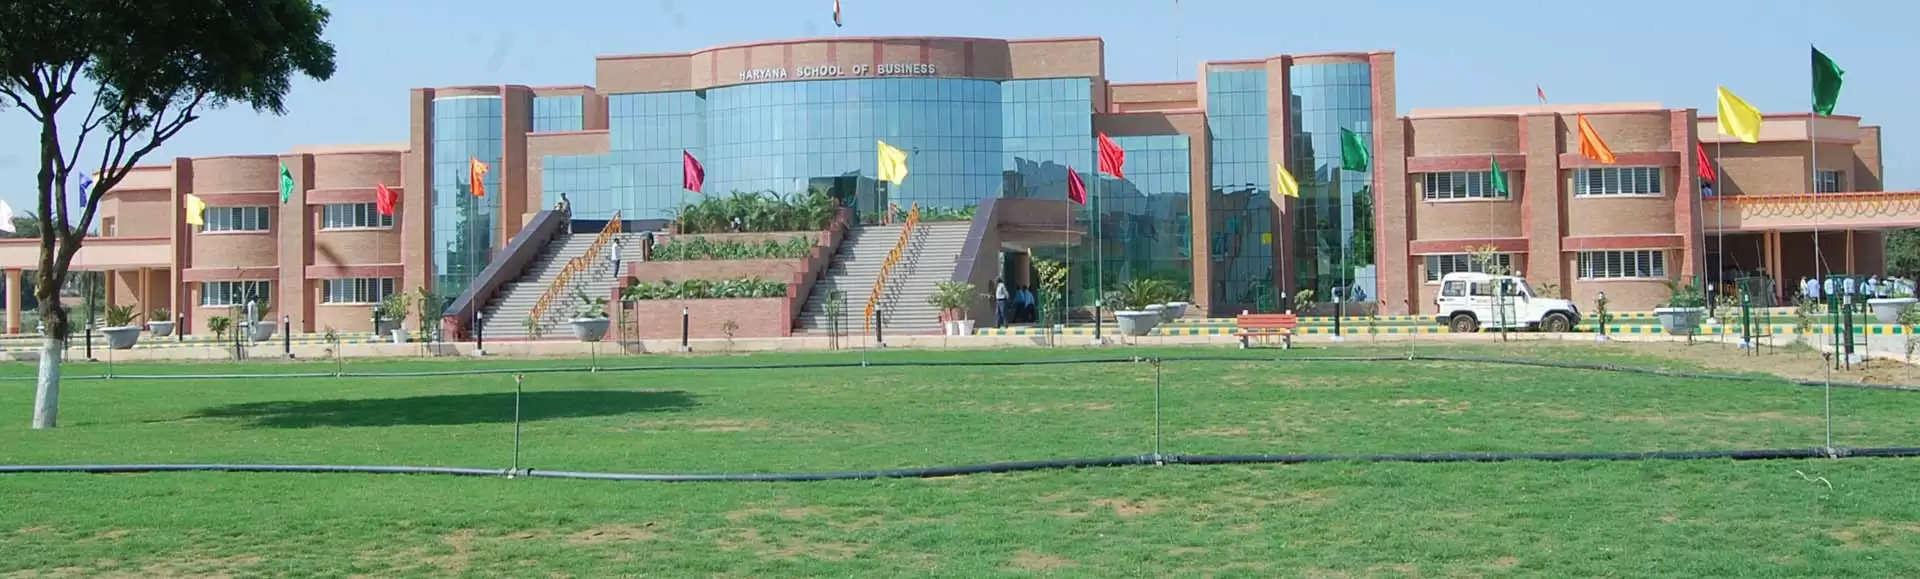 Hisar बड़ी उपलब्धि:एचएयू के होम साइंस कॉलेज को देशभर में मिली प्रथम रैंकिंग